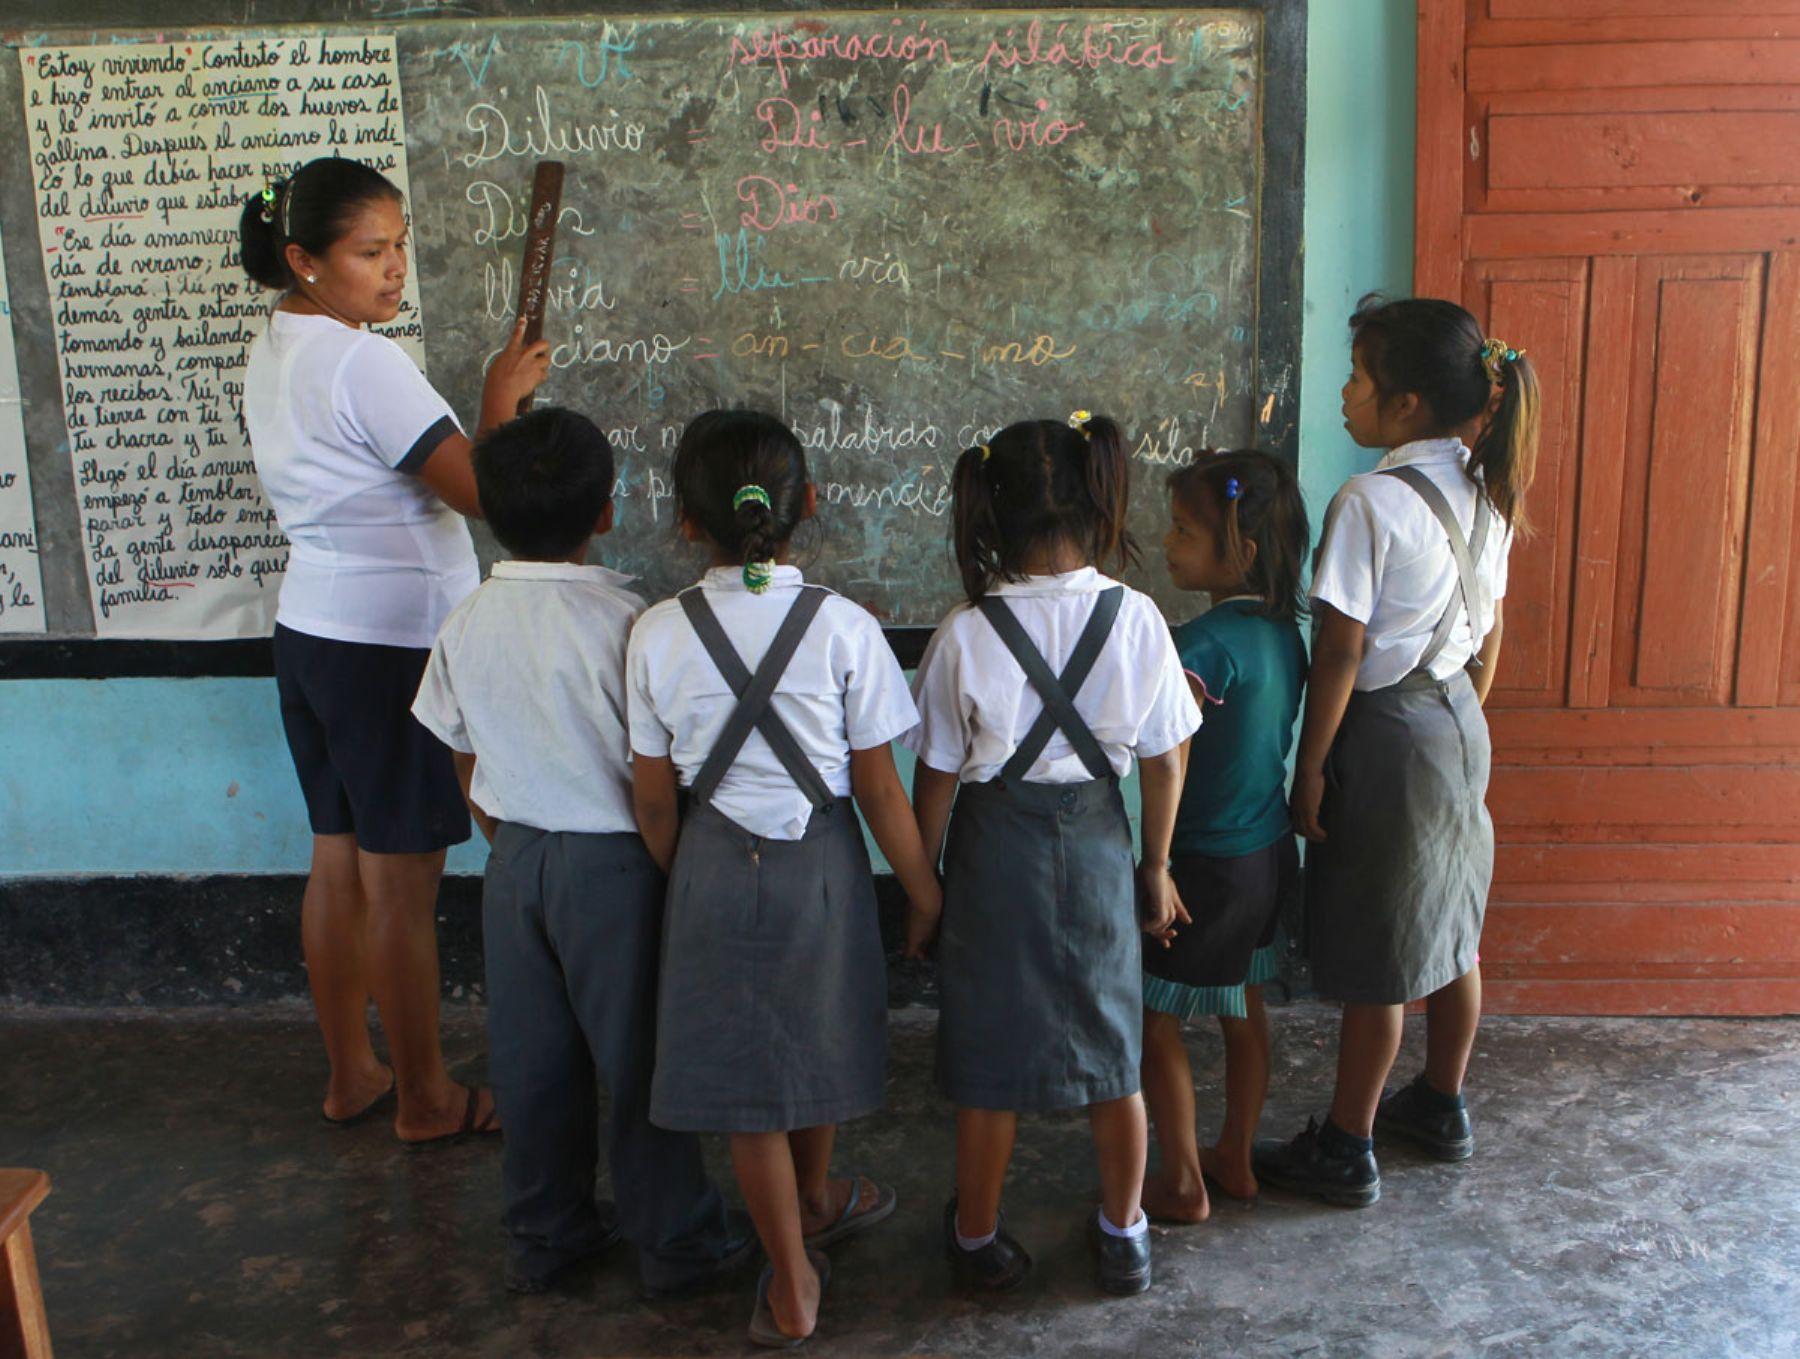 Viceministra de Gestión Pedagógica del Ministerio de Educación, Susana Helfer, plantea trabajo conjunto por la educación rural.